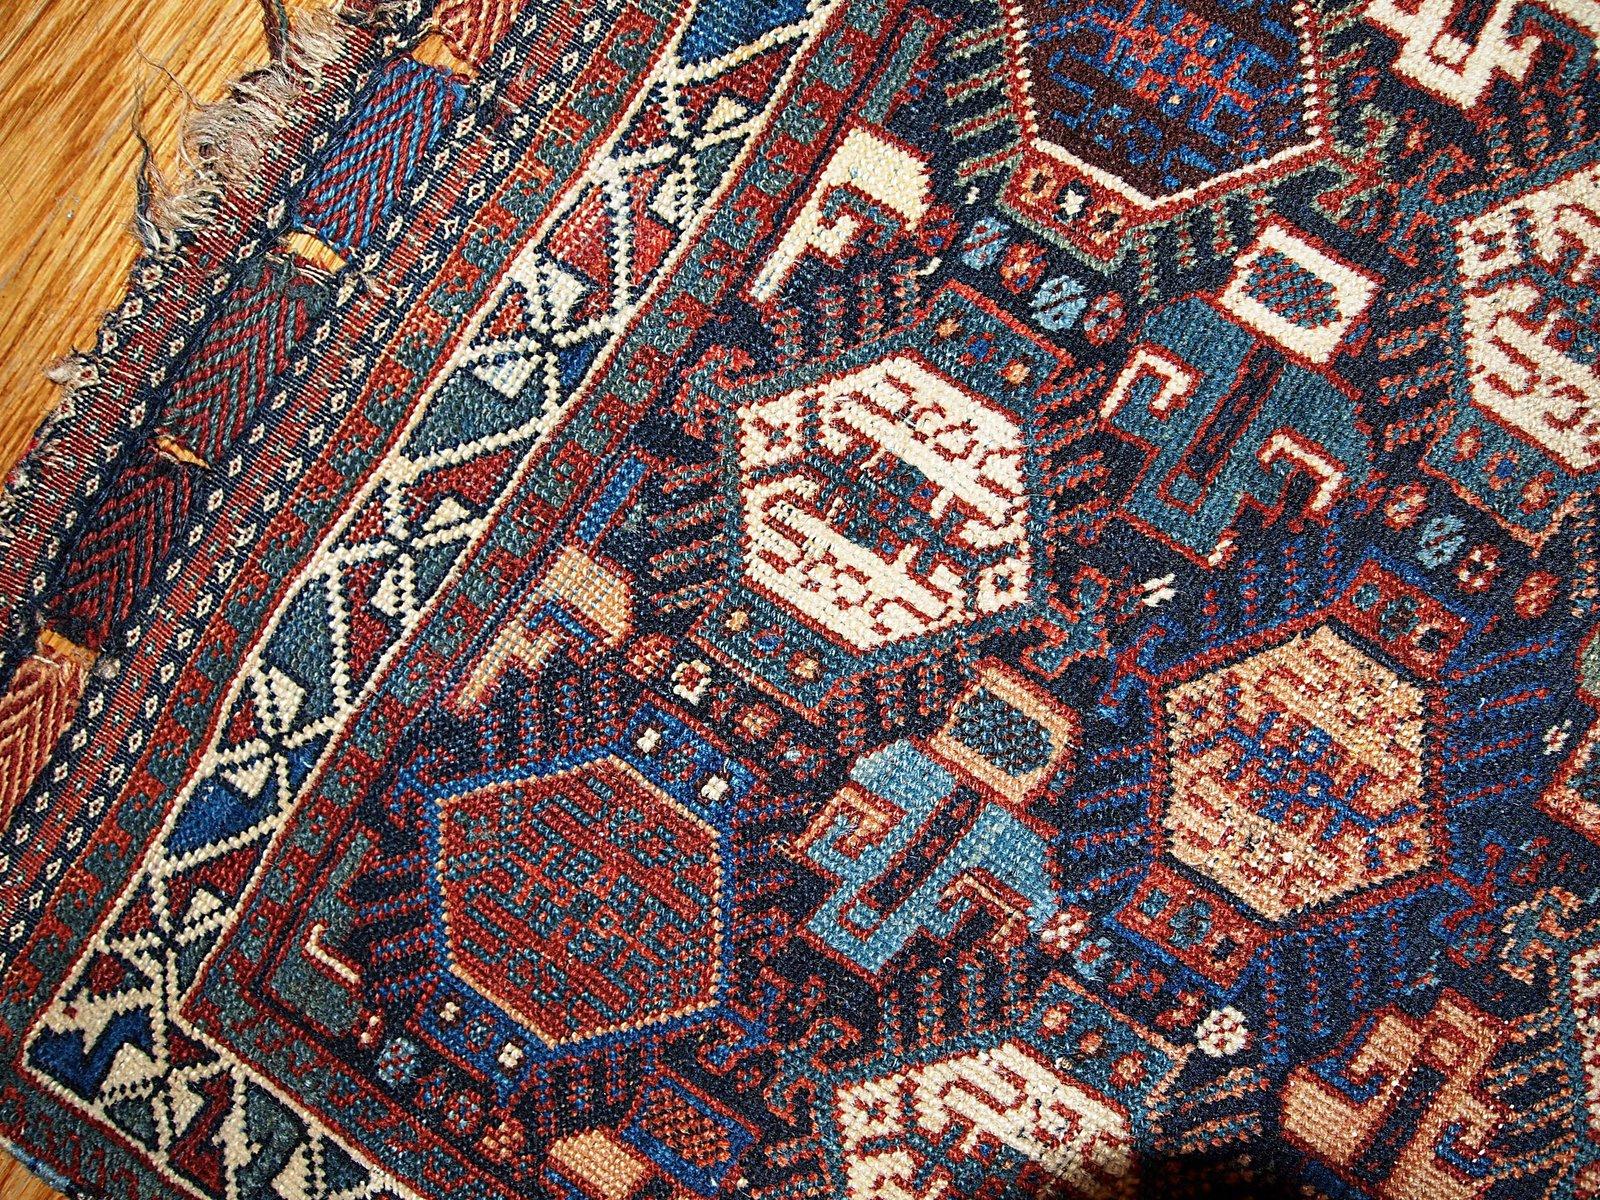 Antiker Handgeknüpfter Persischer Khamseh Teppich, 1880er